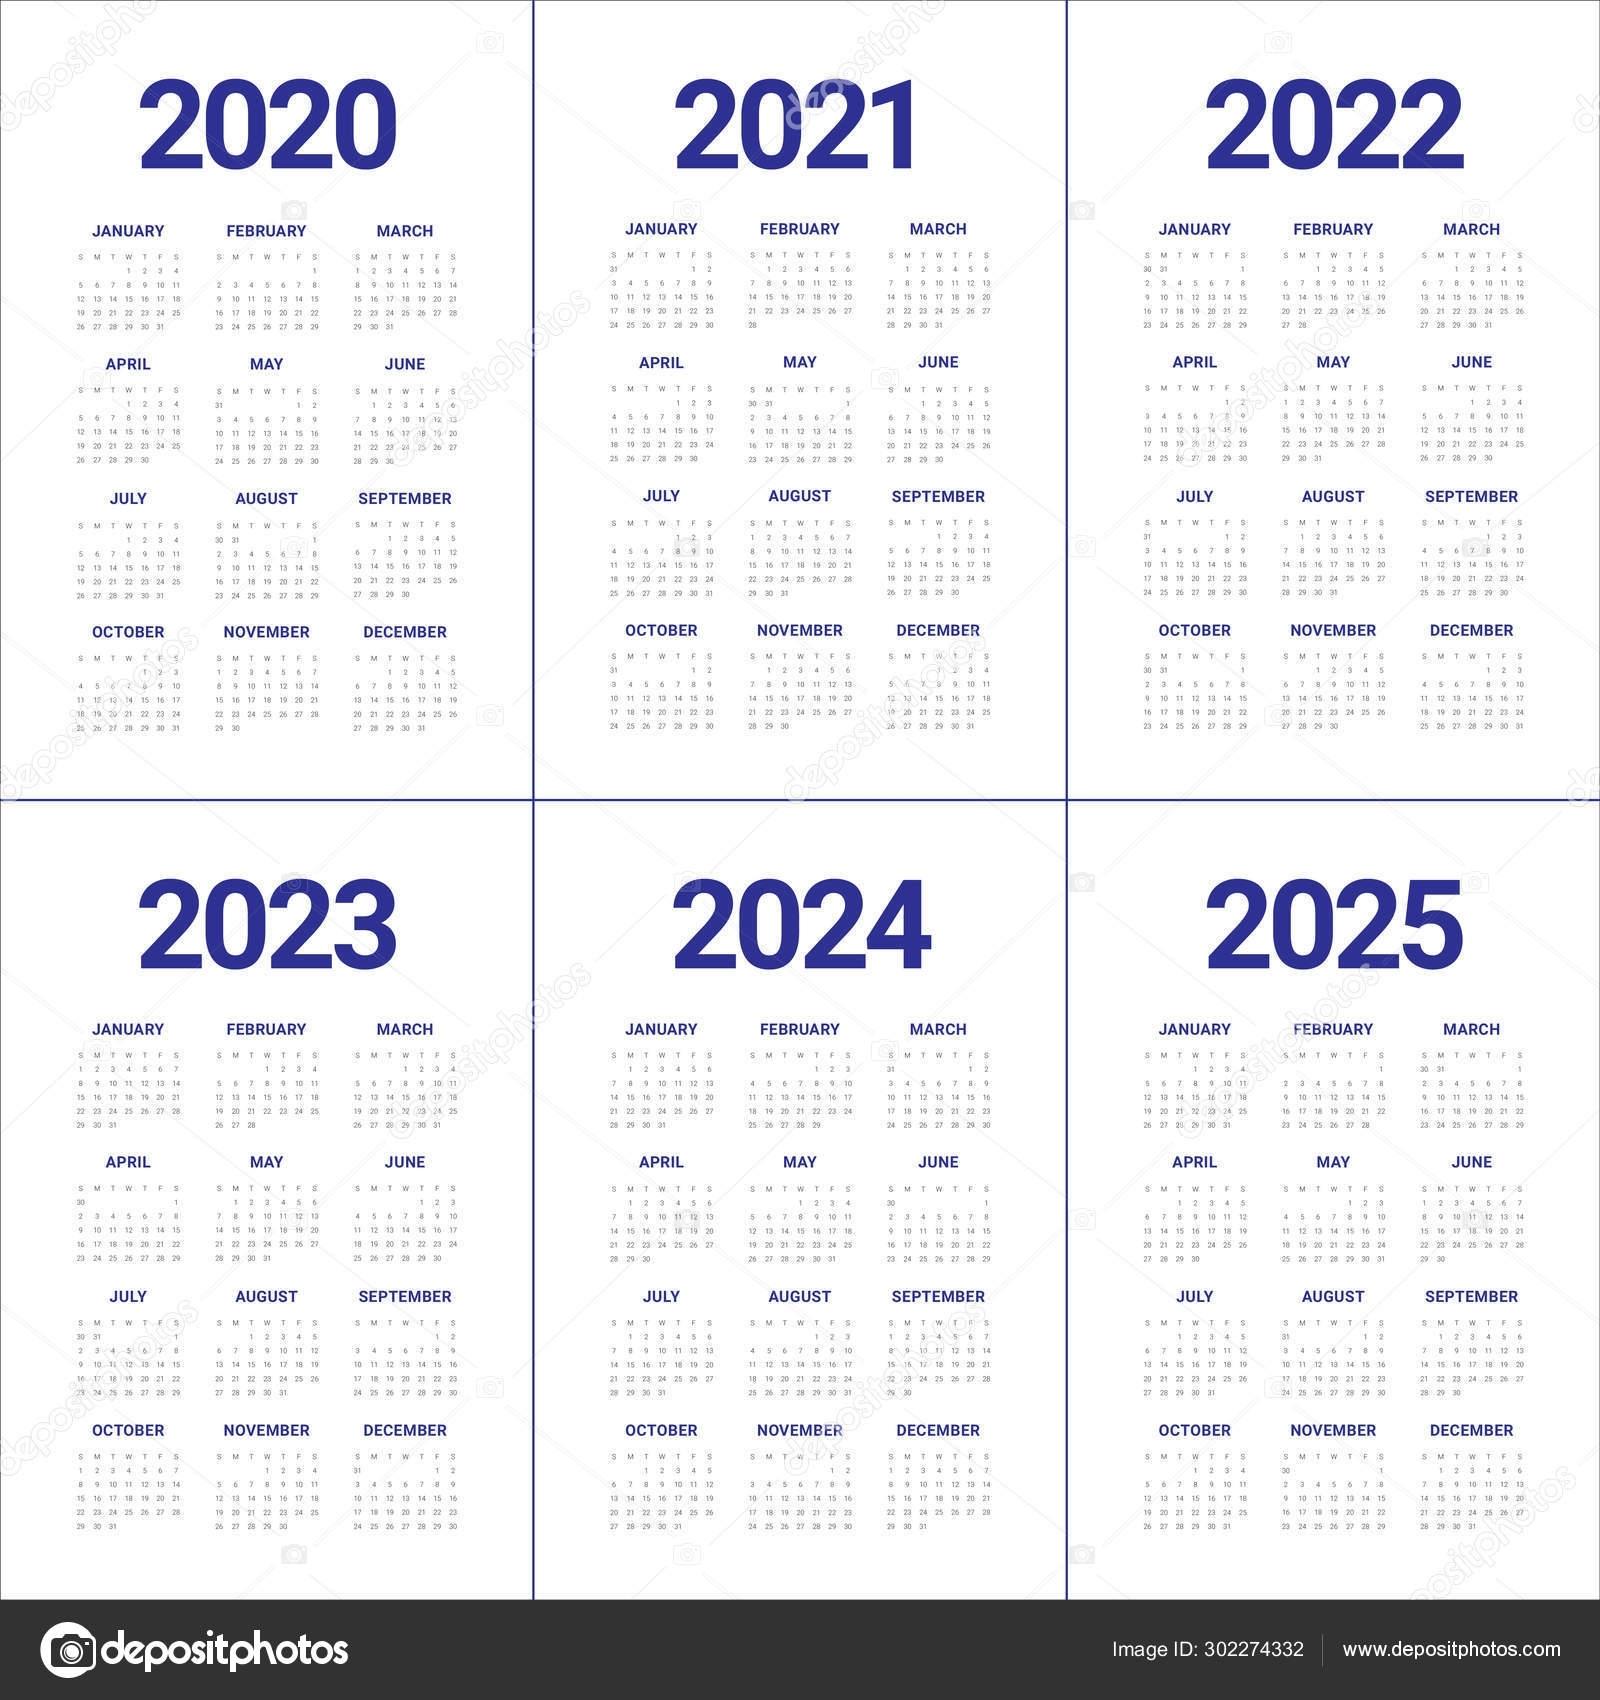 Year 2020 2021 2022 2023 2024 2025 Calendar Vector Design Templa 302274332